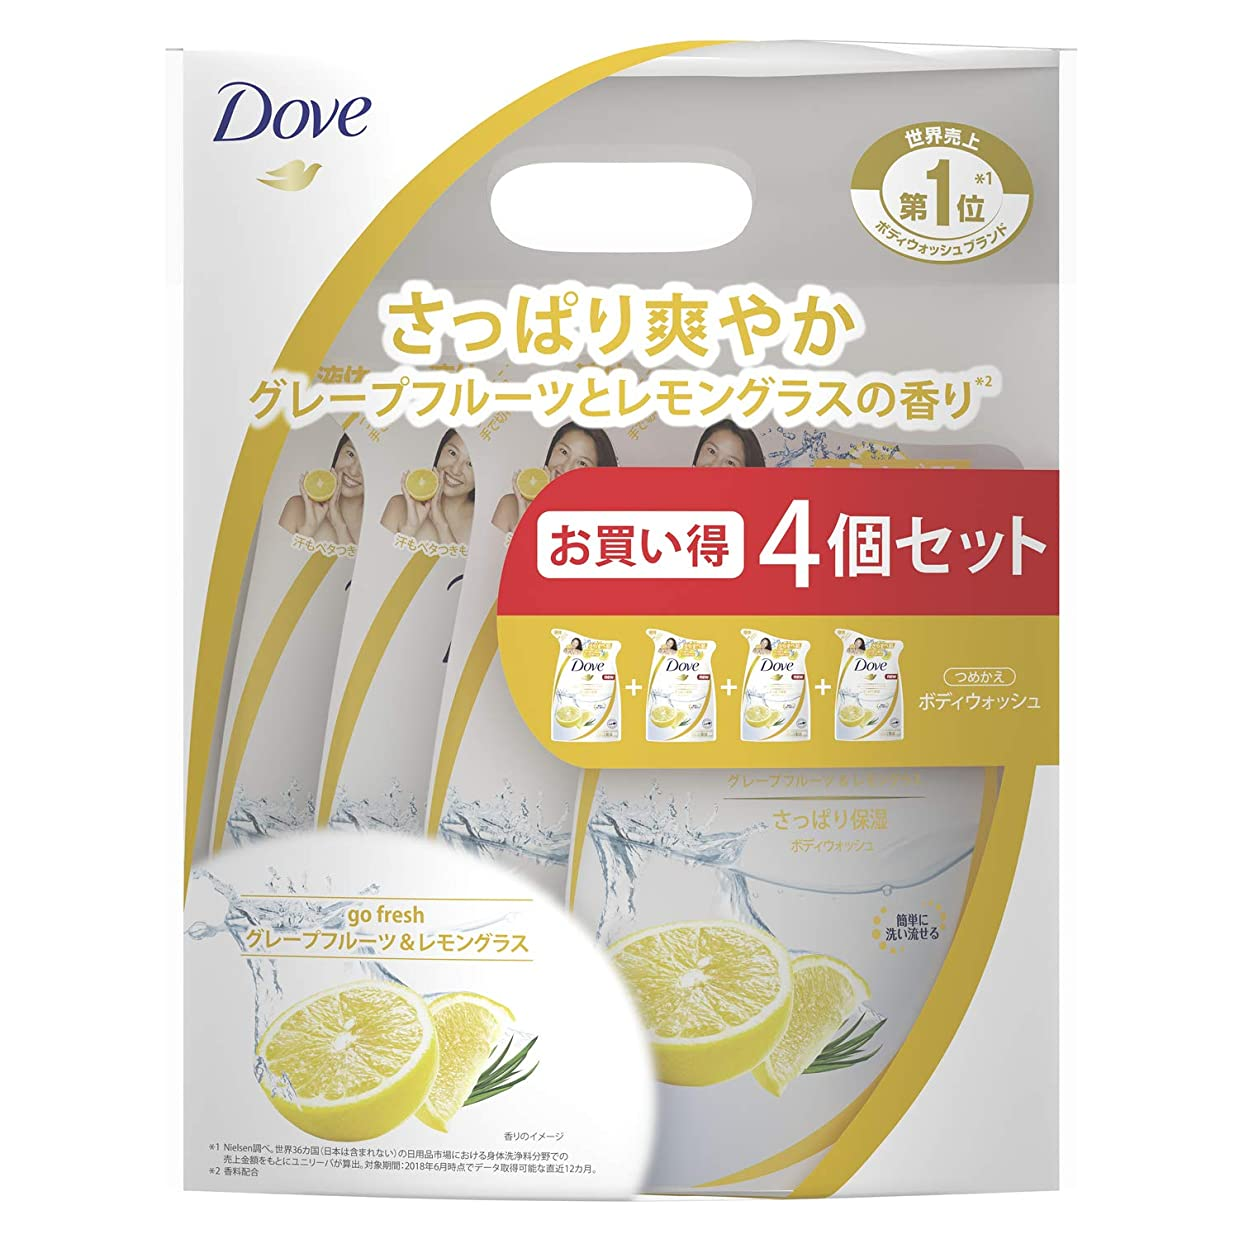 リフトディーラーまつげダヴ ボディウォッシュ グレープフルーツ&レモングラス つめかえ用 4個セット